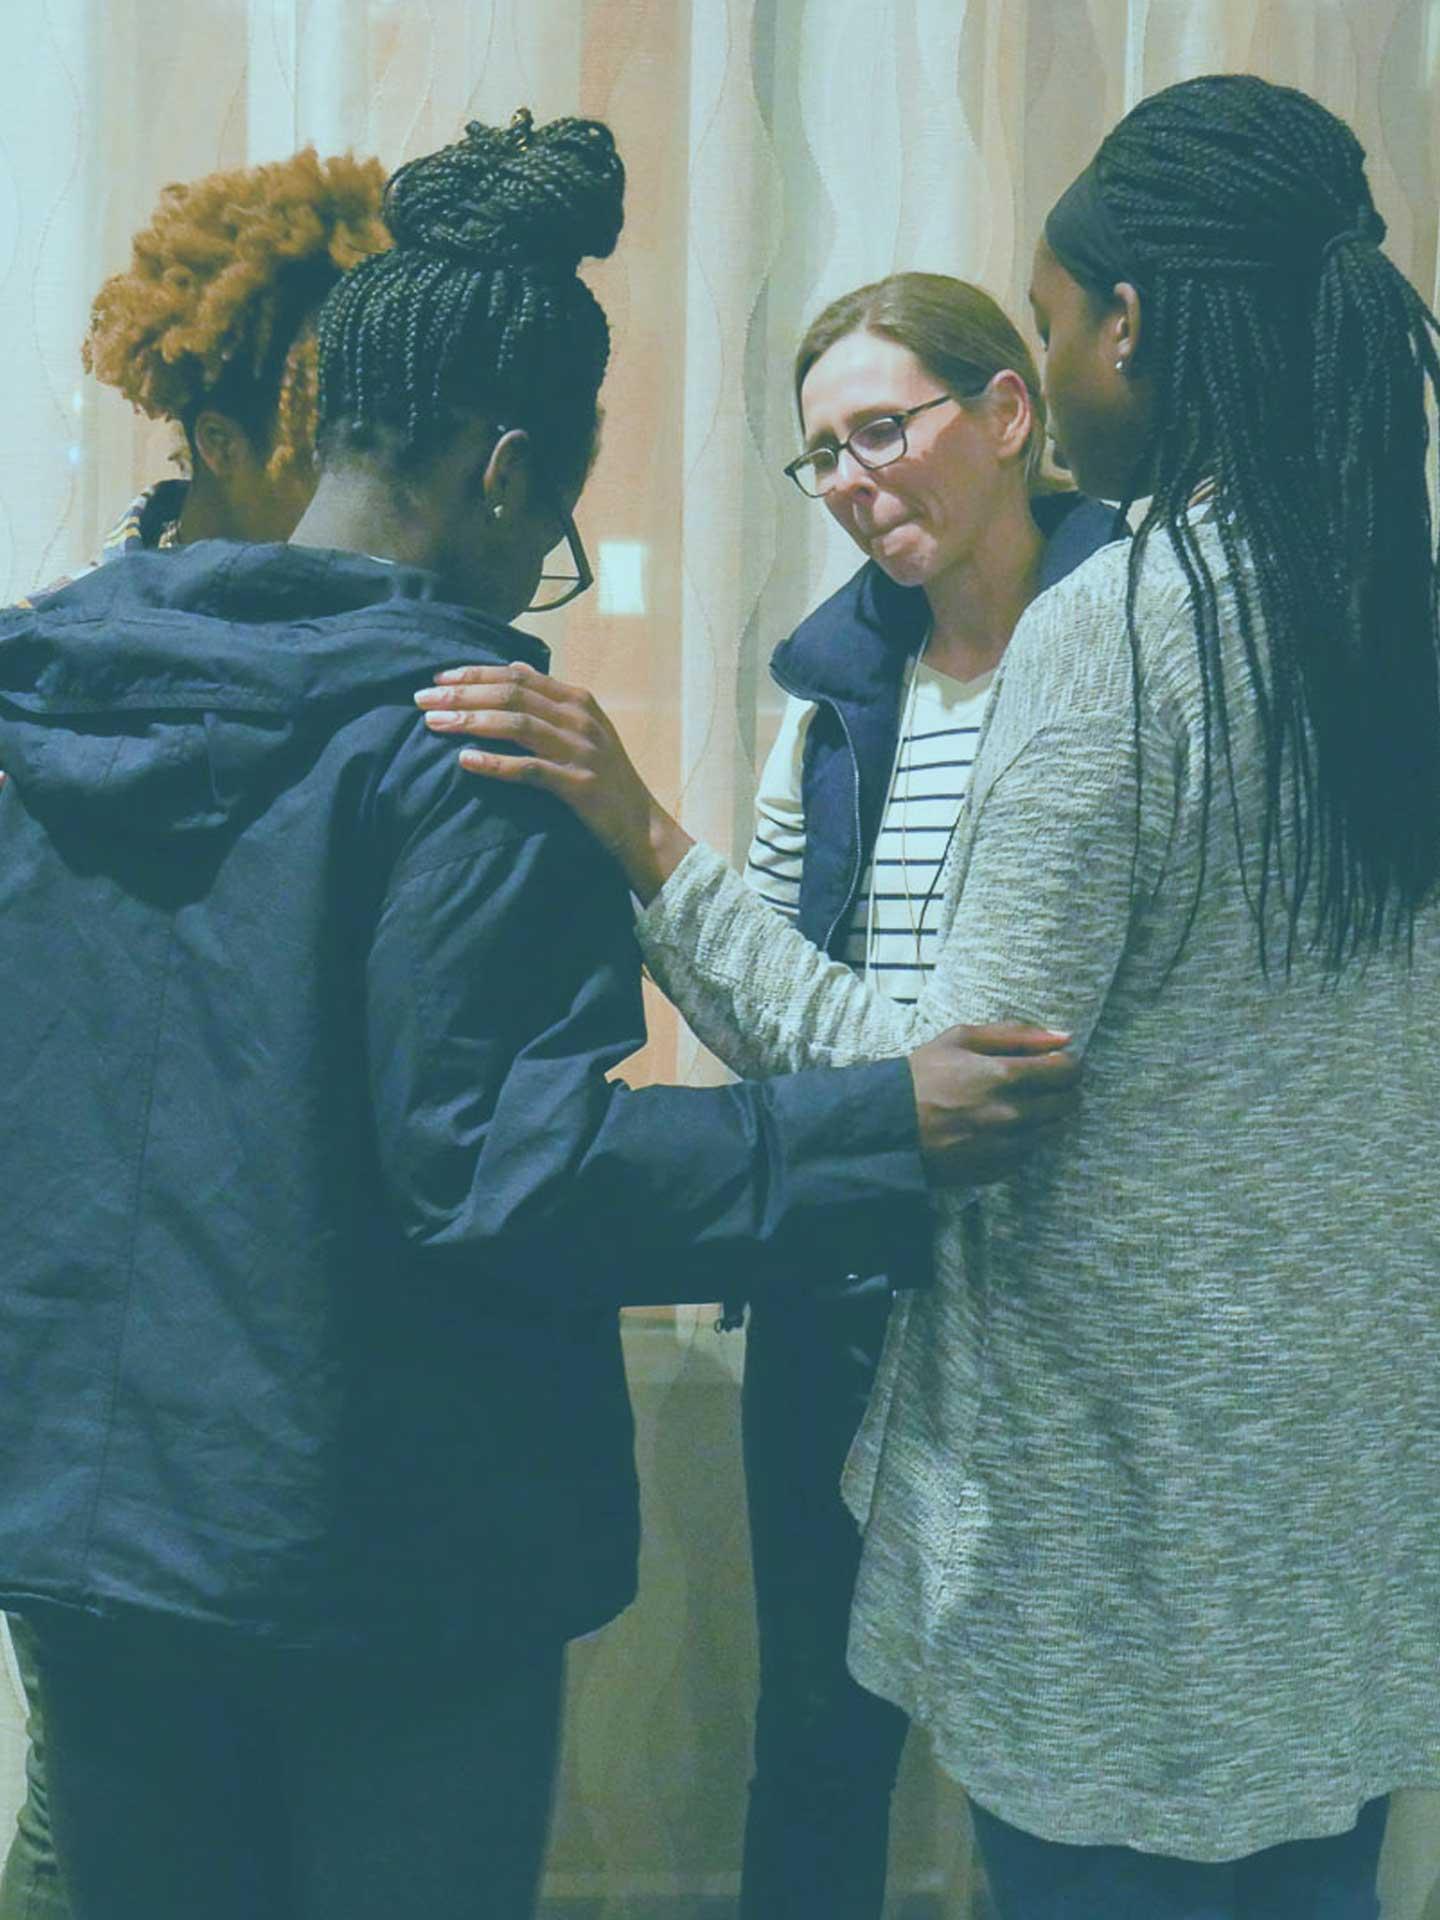 Group of ladies praying